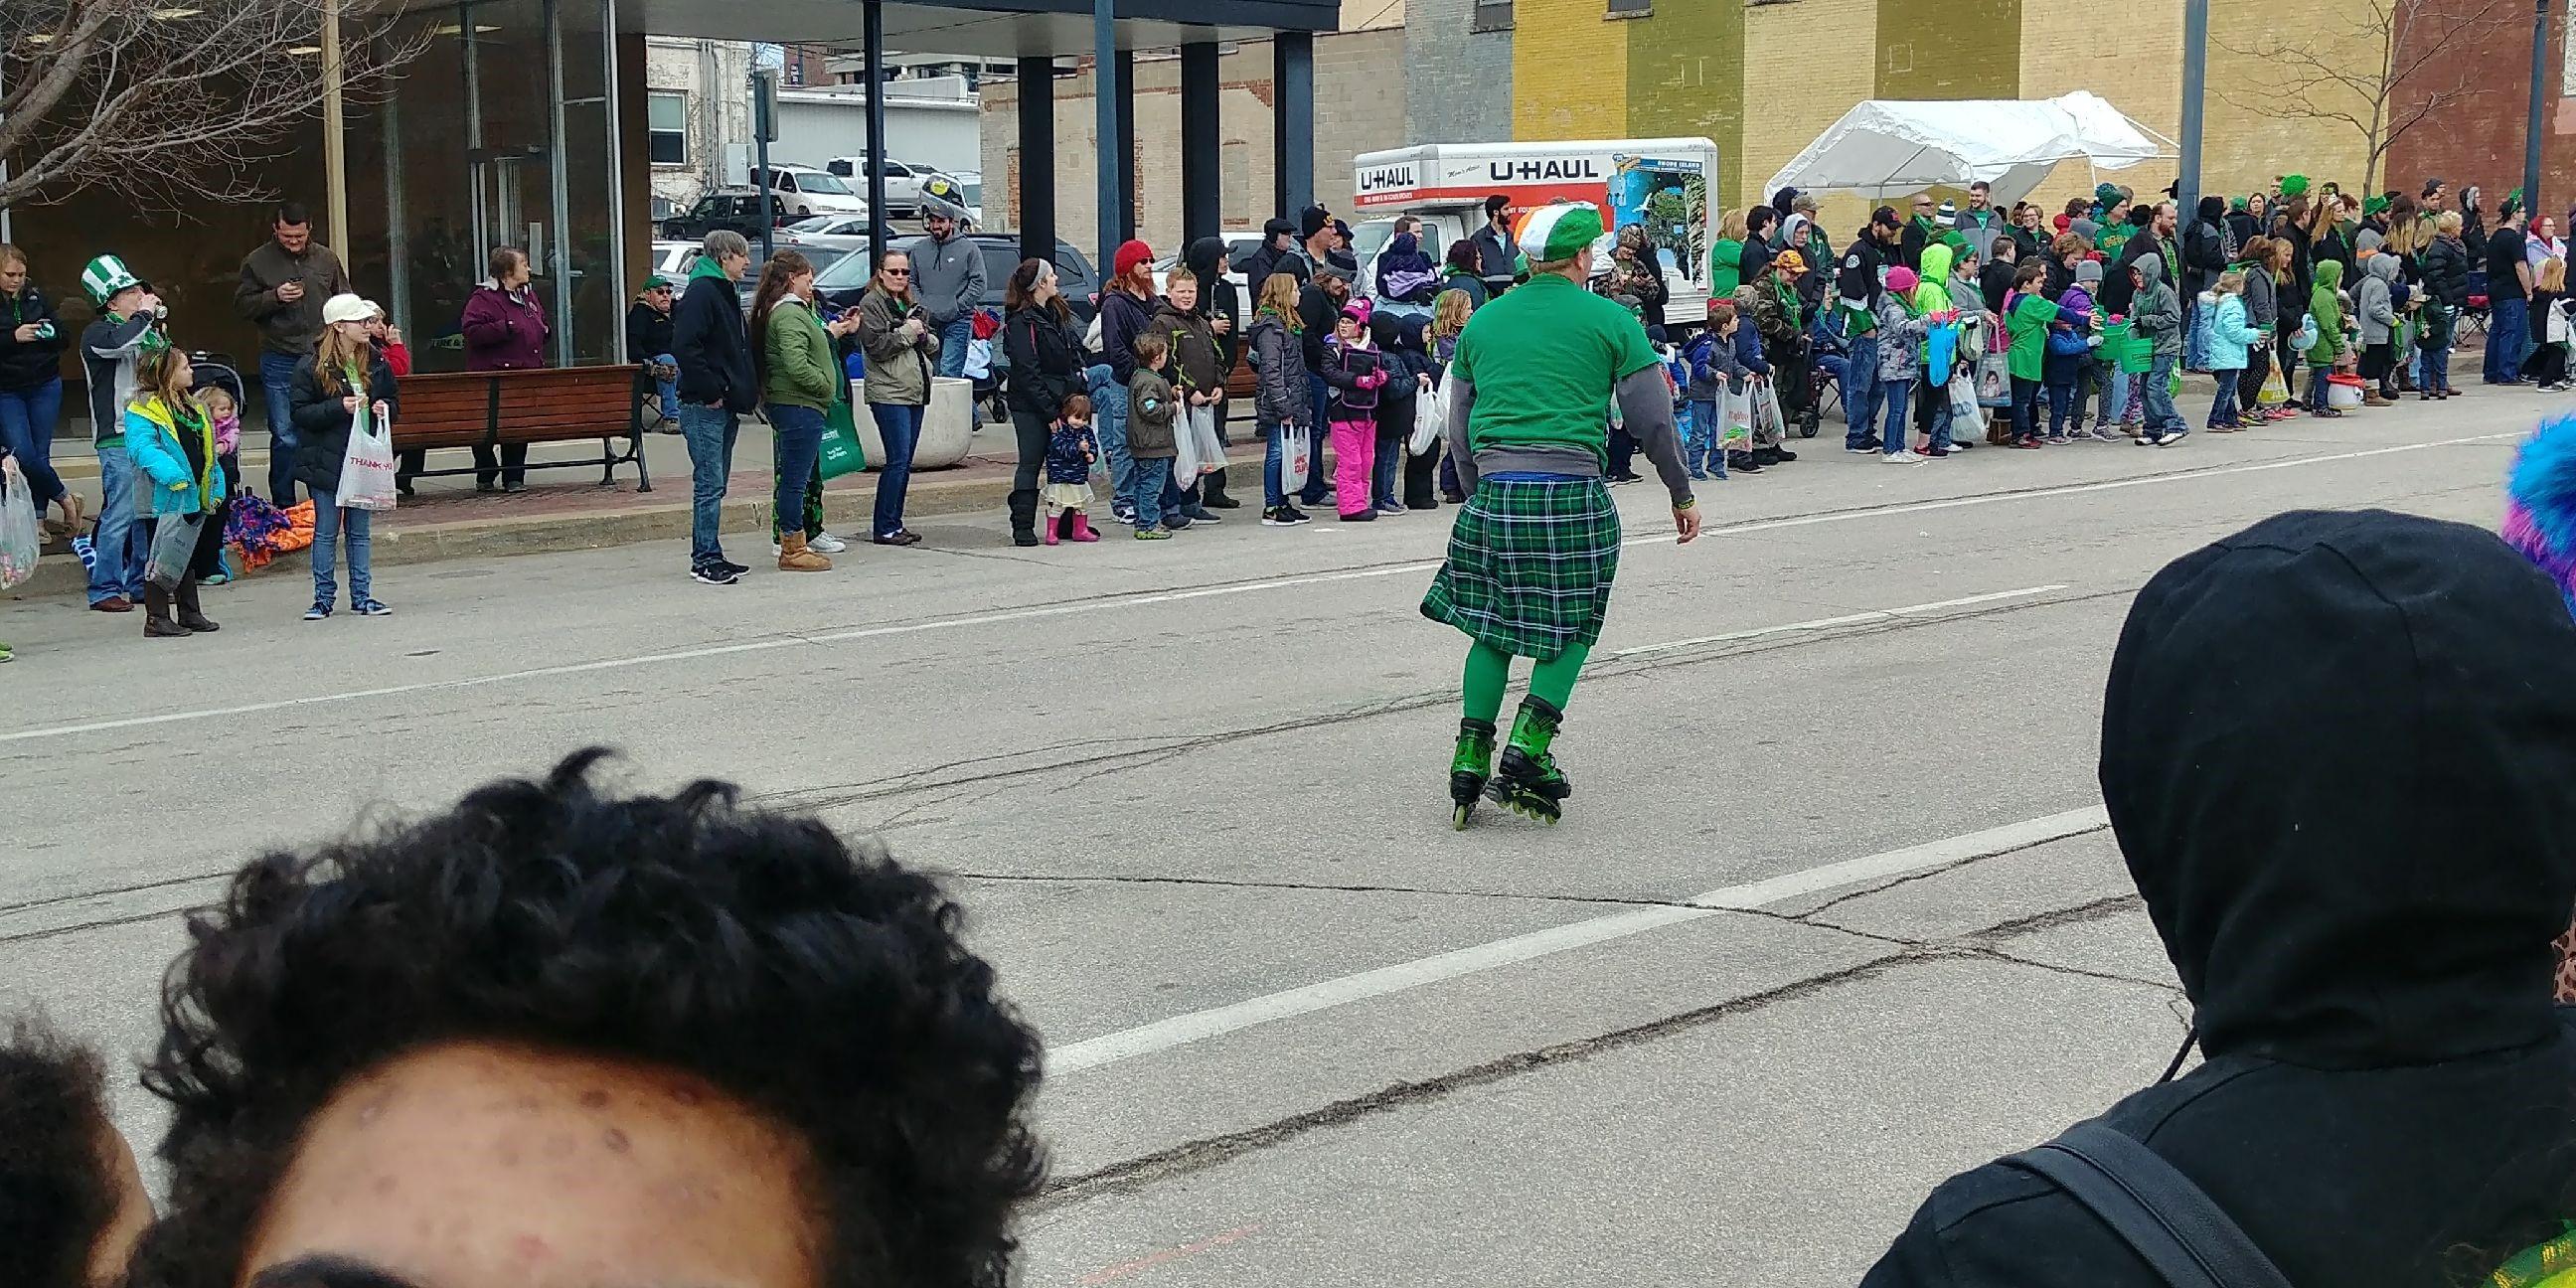 Skater Wearing Kilt